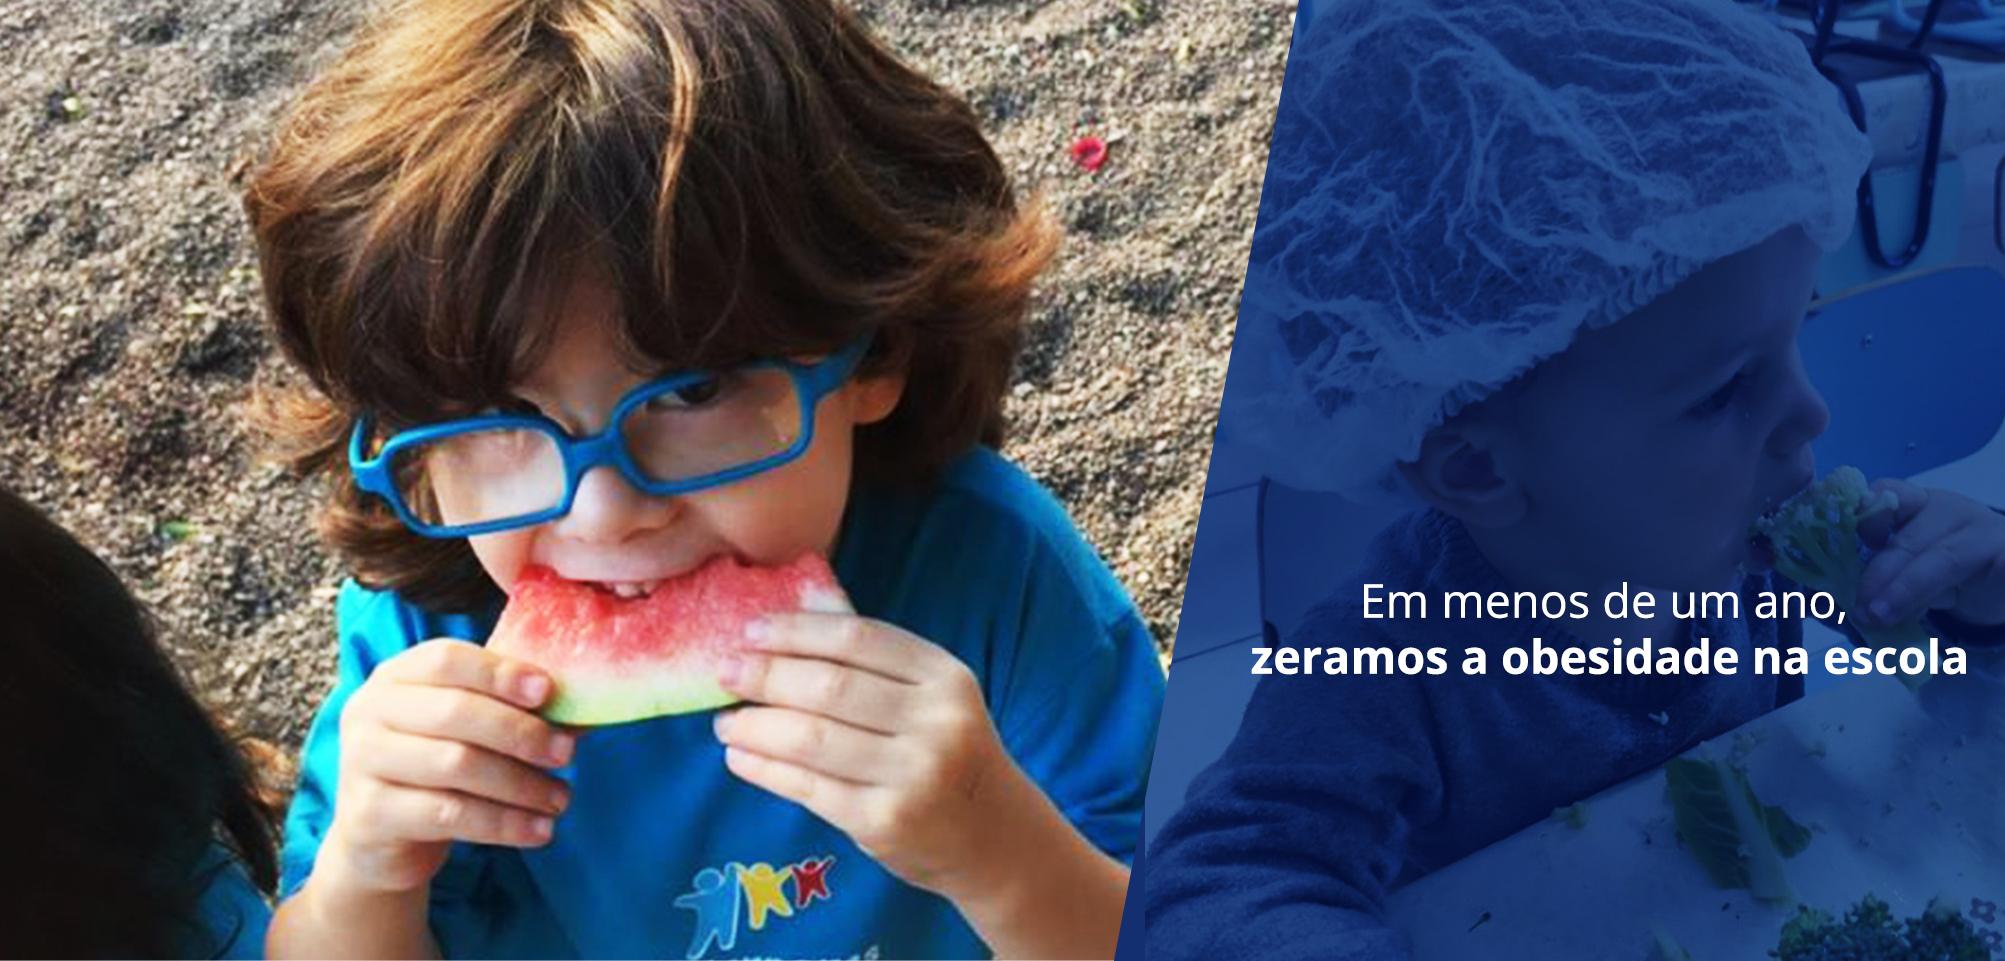 escola-interpares-obesidade